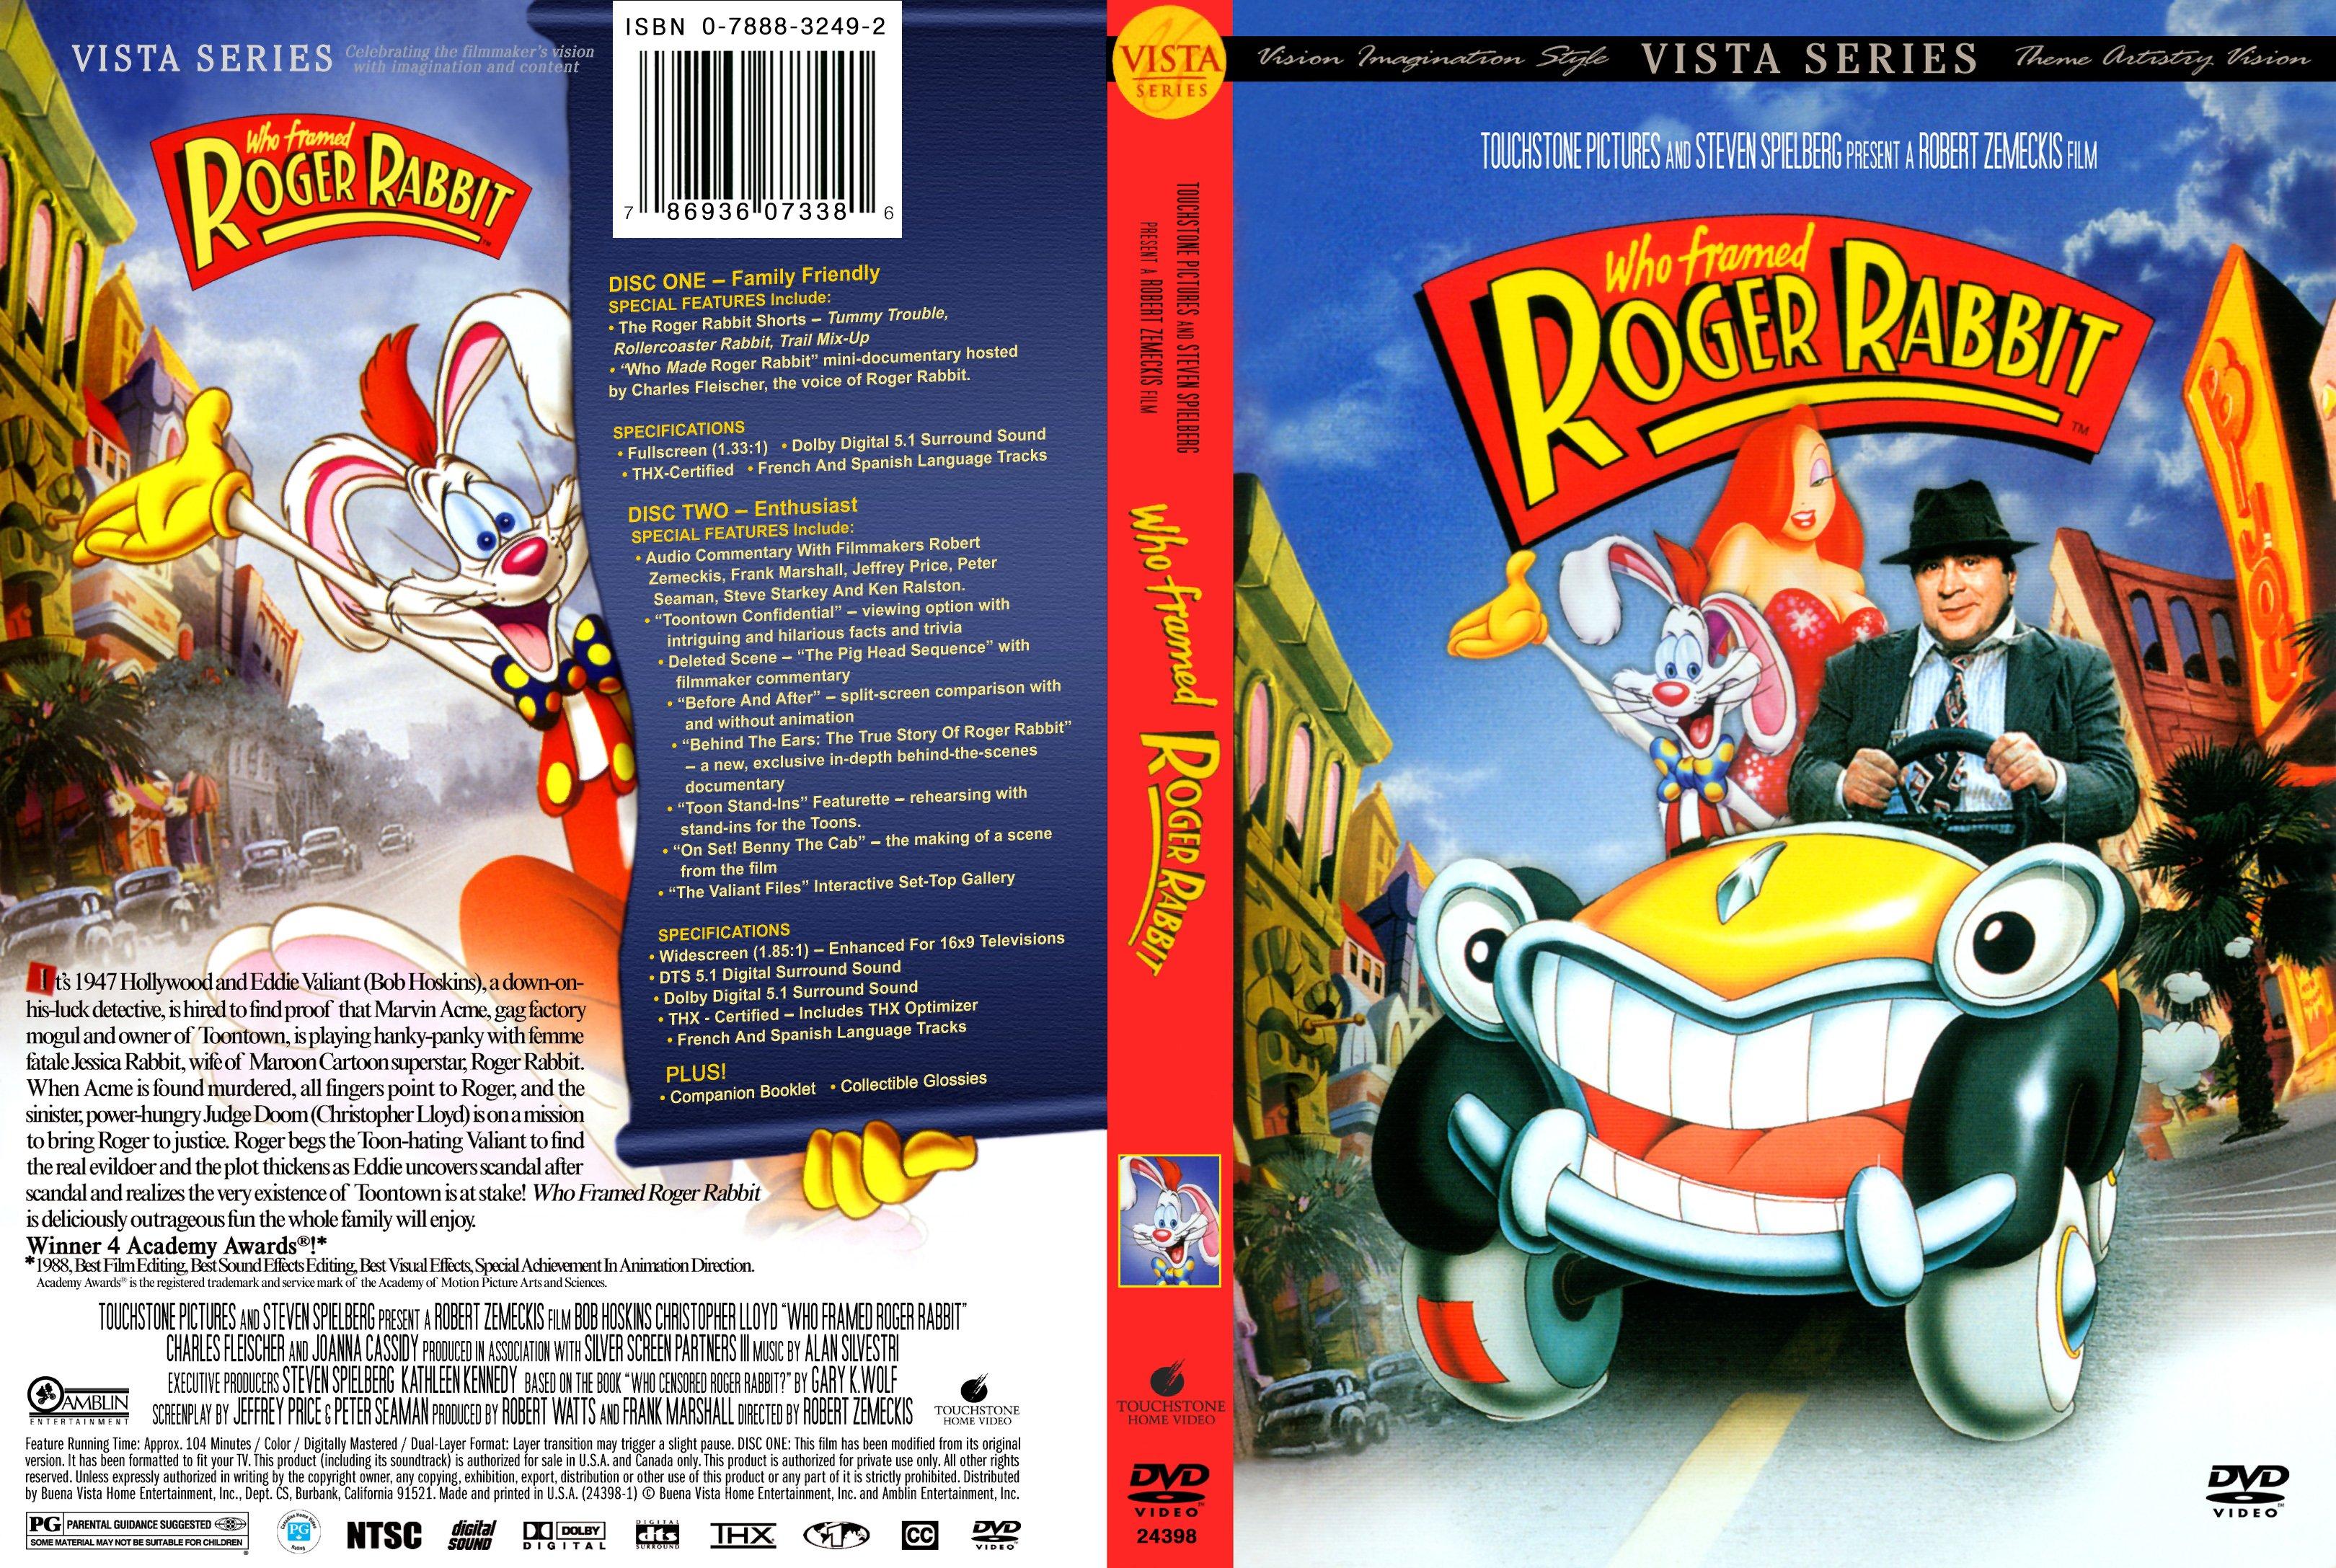 Who Framed Roger Rabbit (1988)